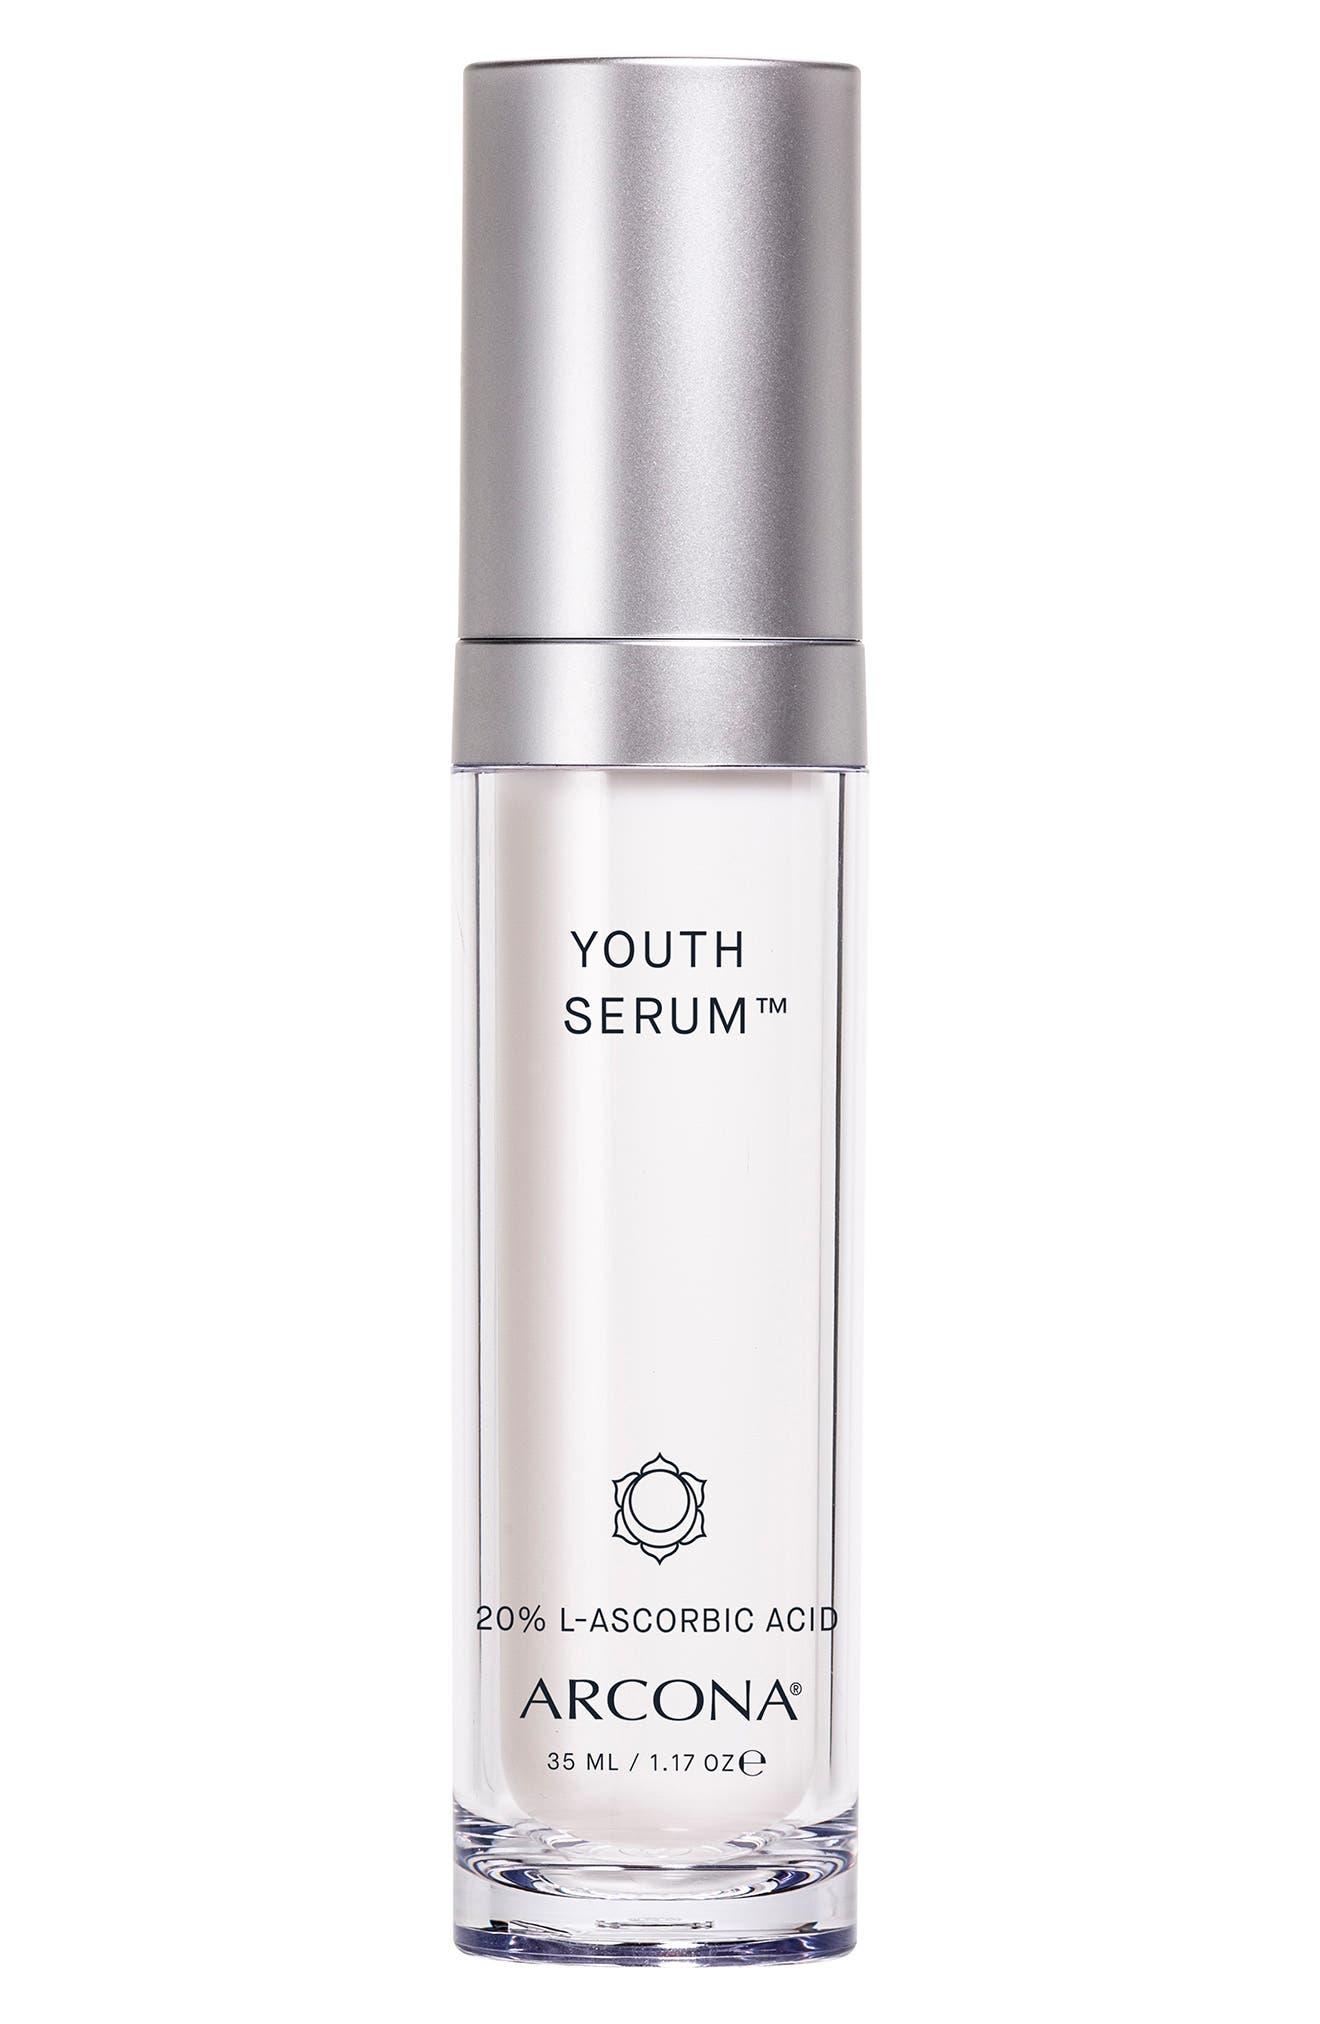 Youth Serum Vitamin C Face Serum